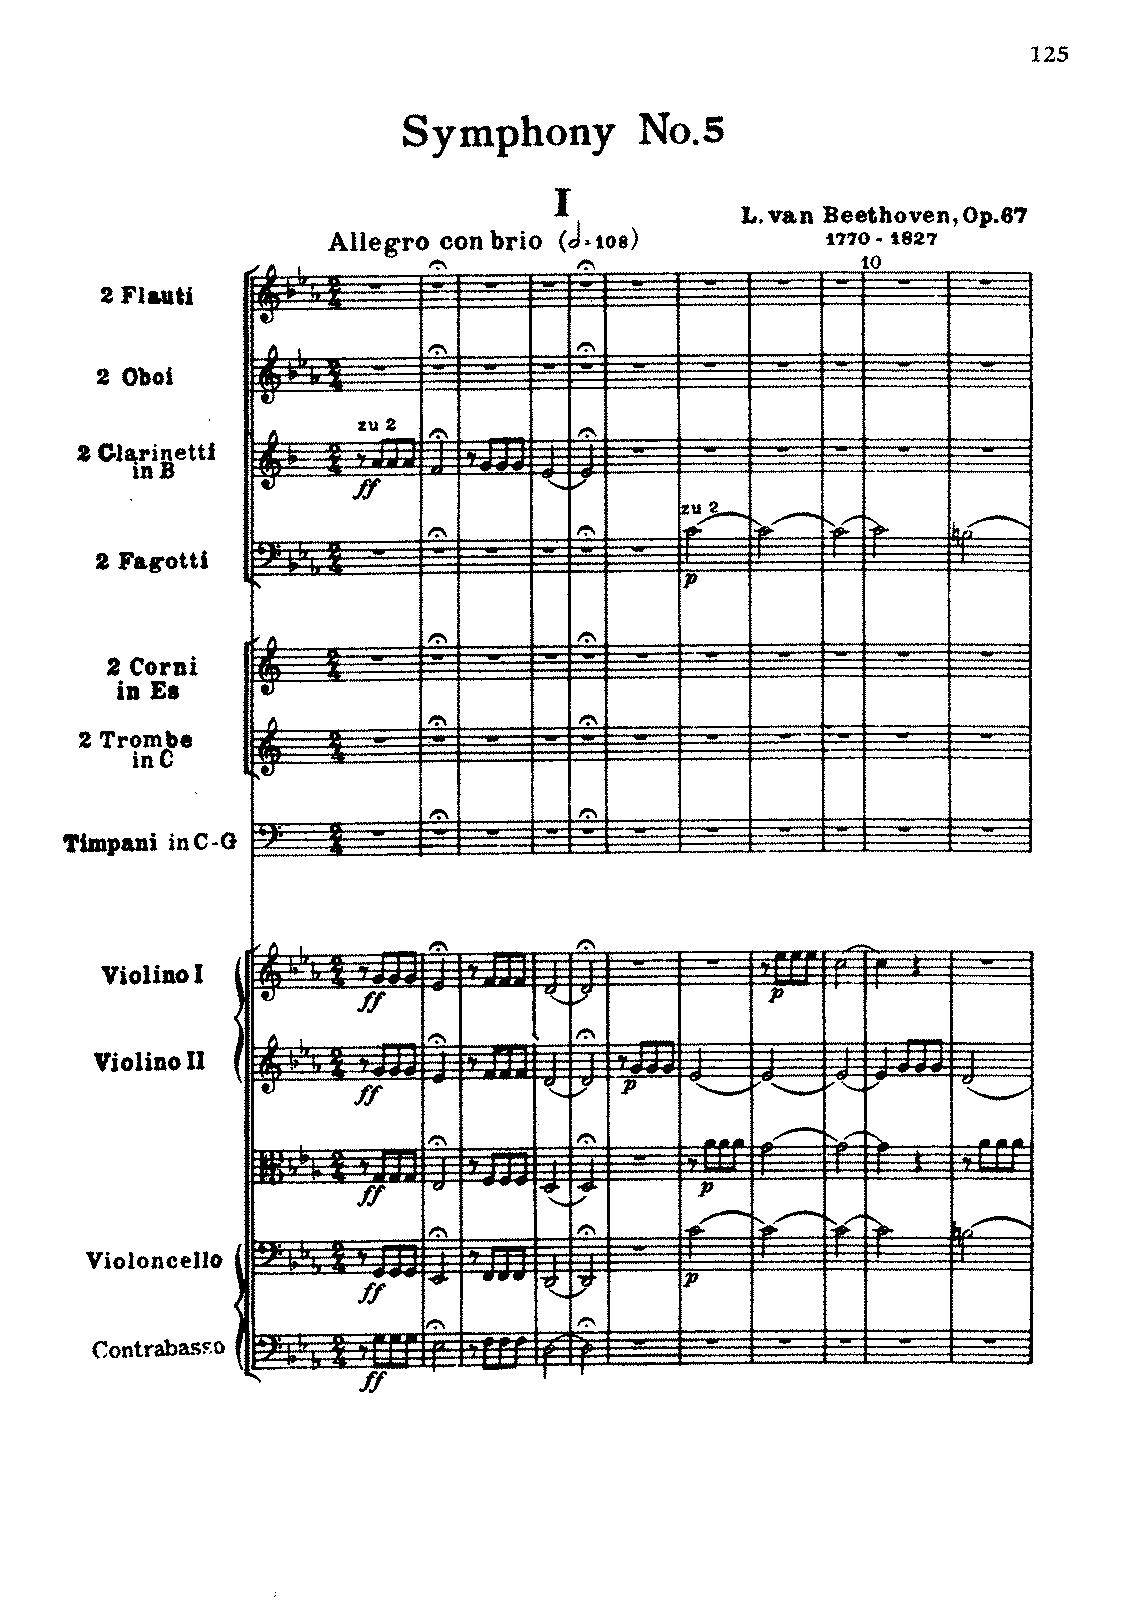 Symphony No.5, Op.67 (Beethoven, Ludwig van) - IMSLP/Petrucci ...